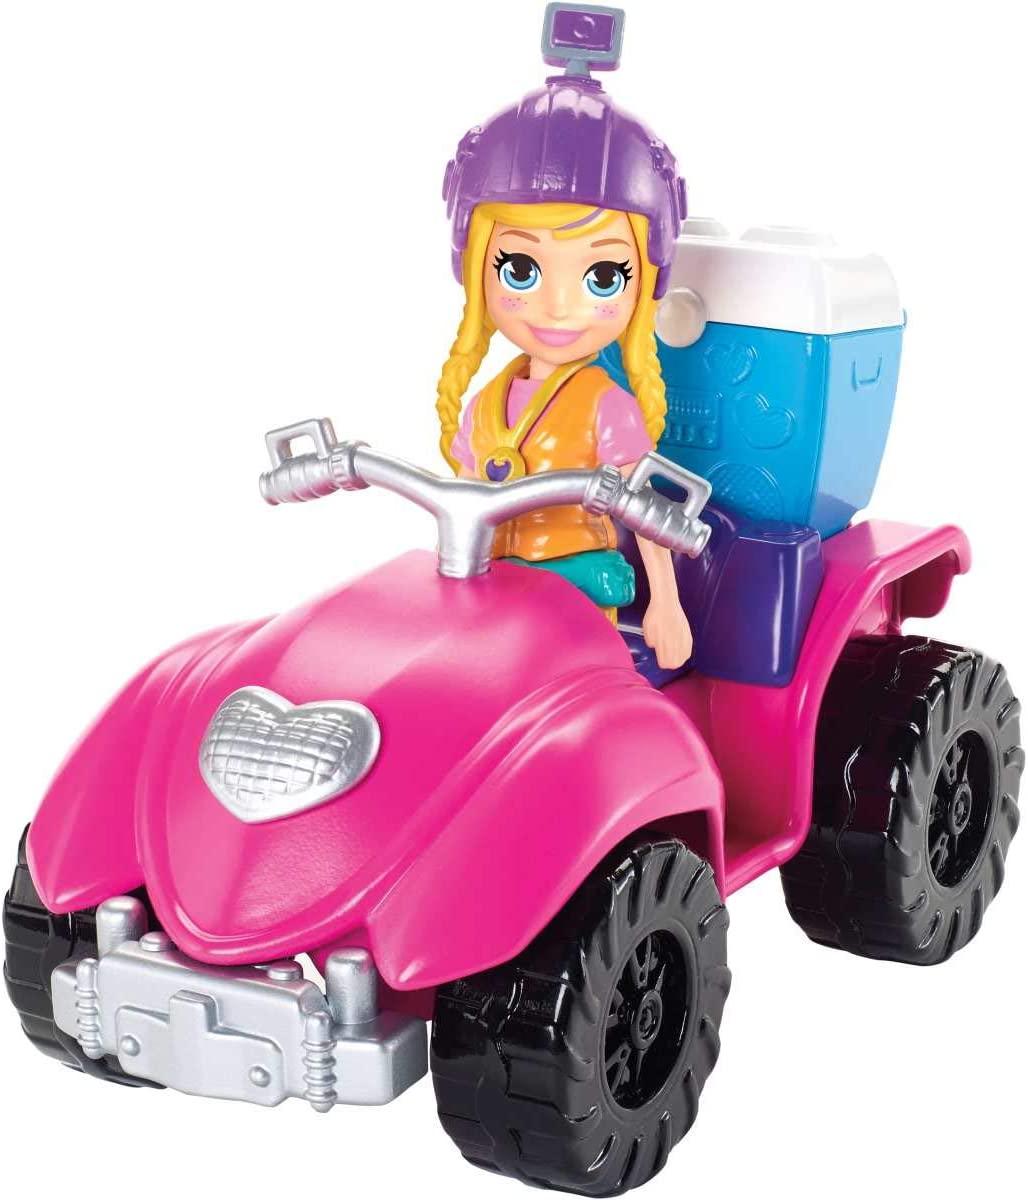 Polly Pocket - Quadriciclo Fabuloso